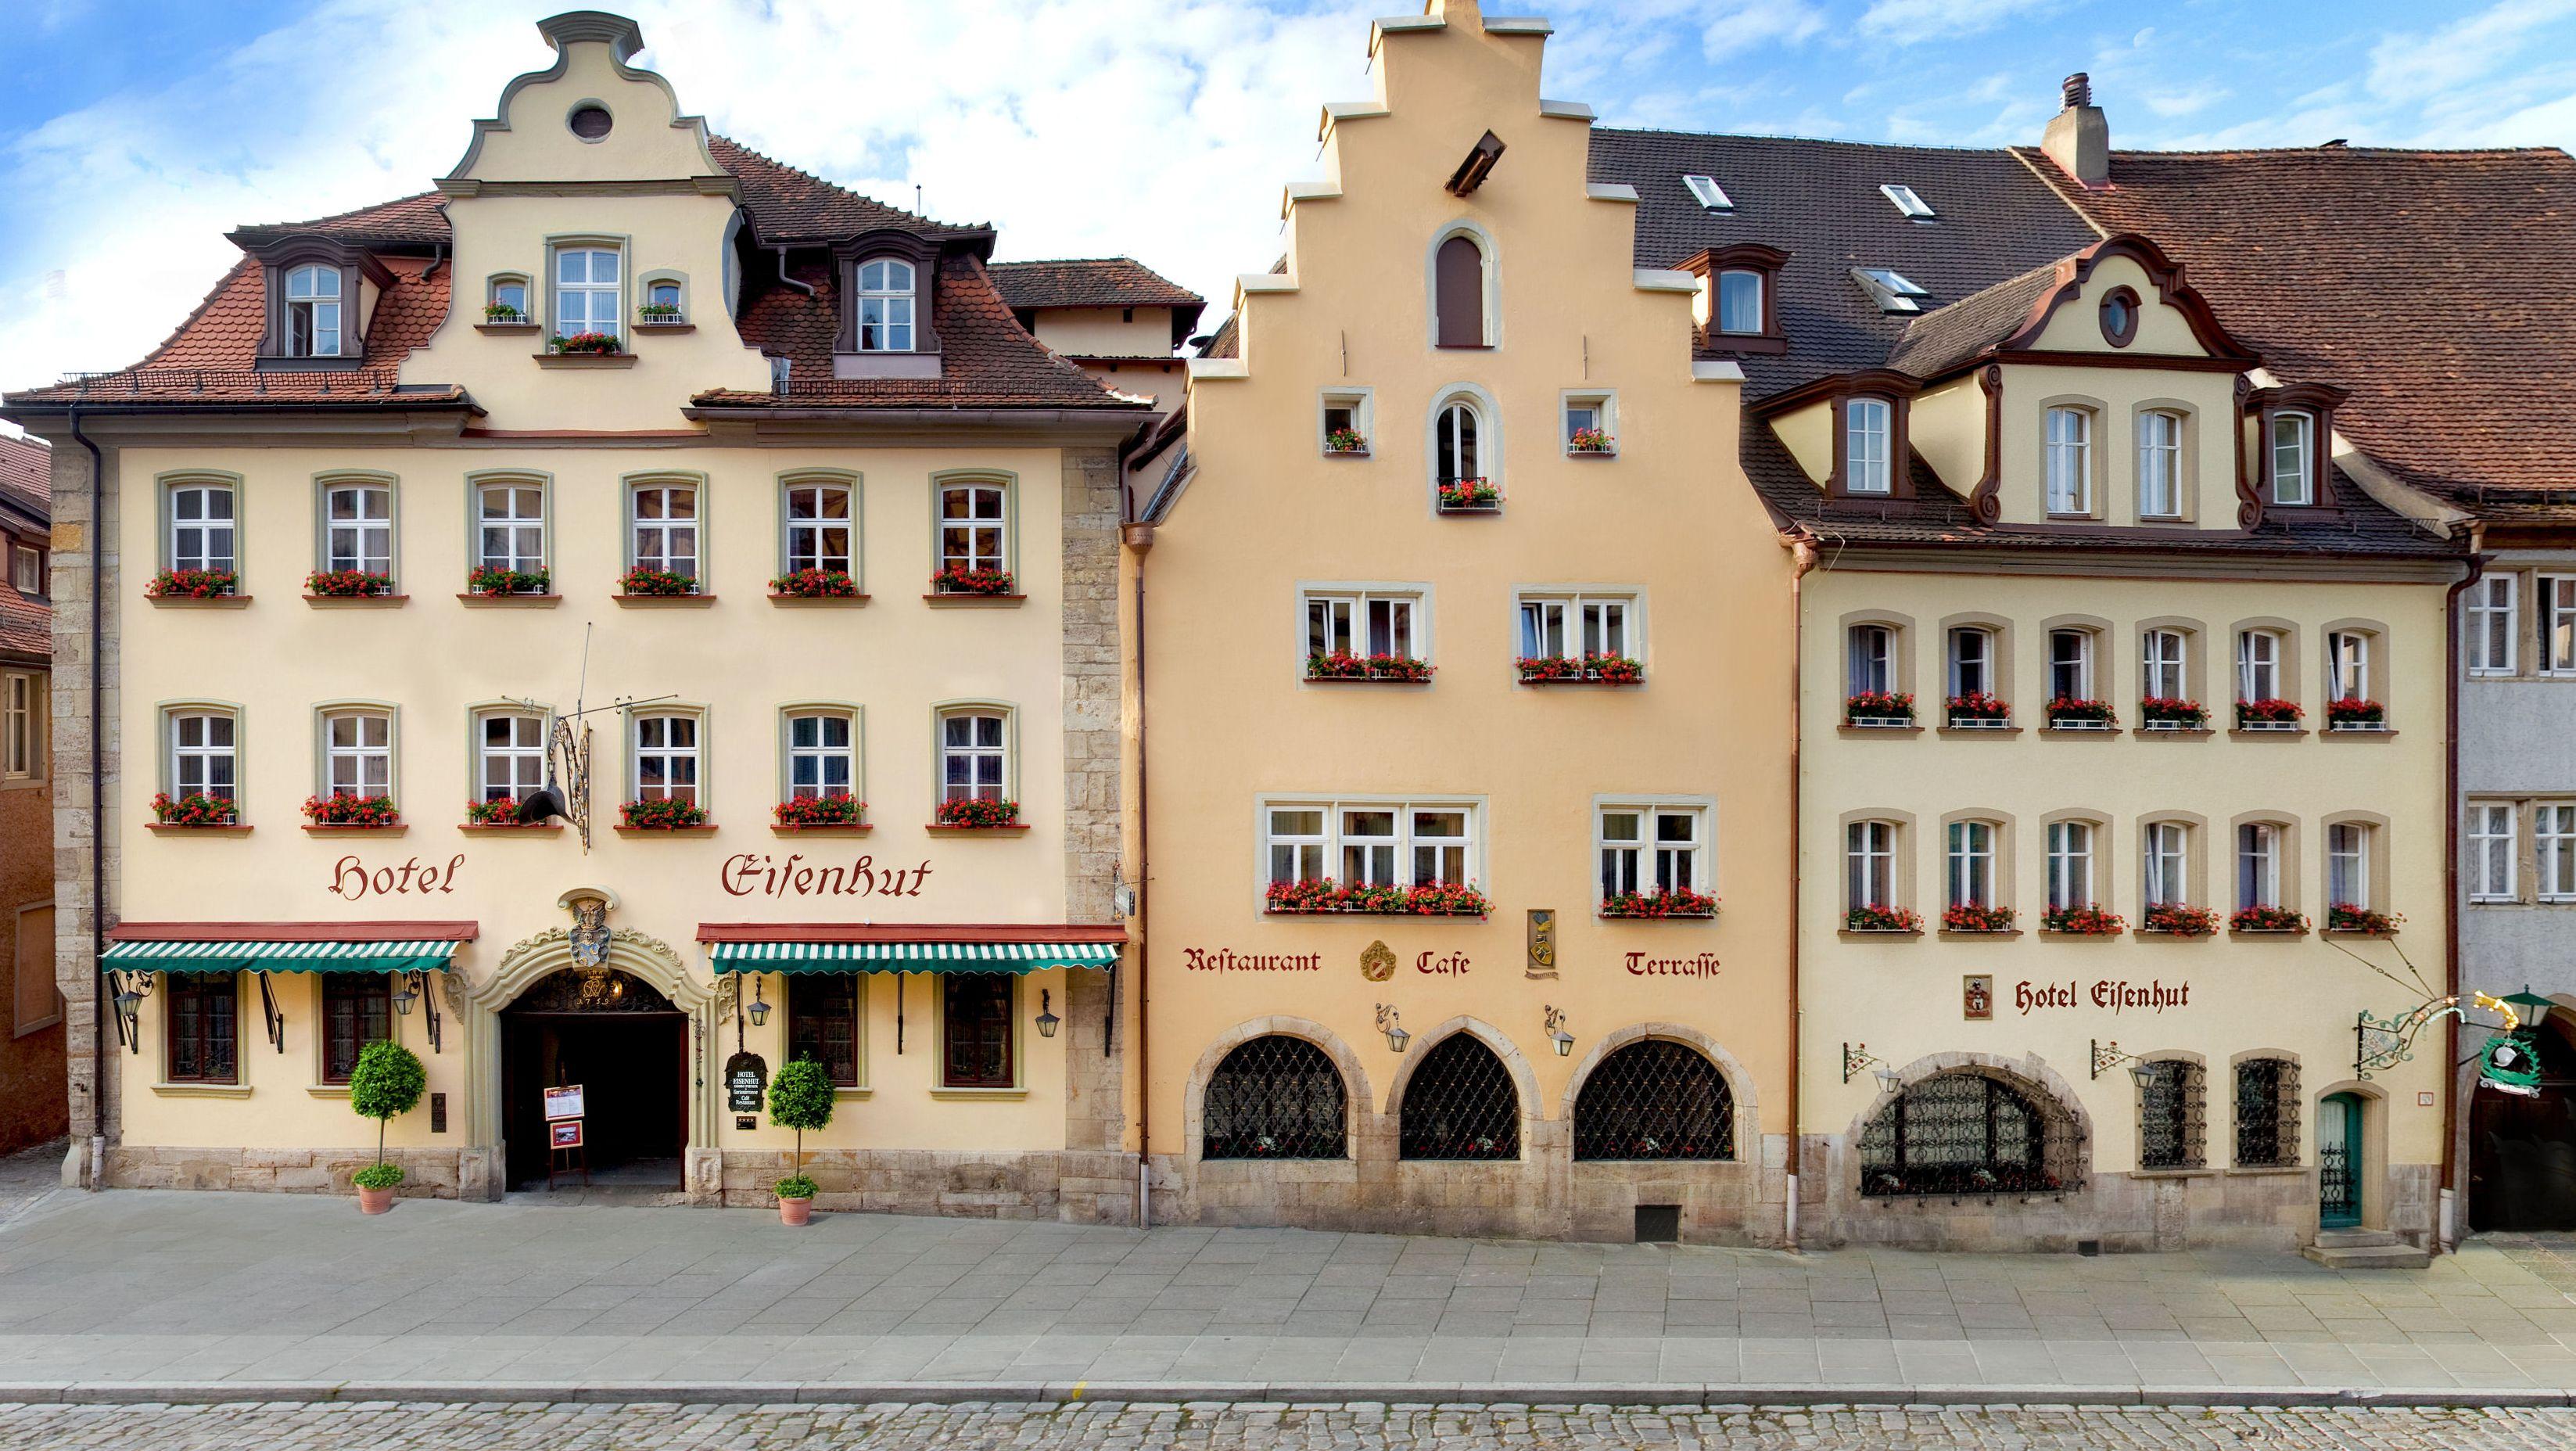 Hotel Eisenhut in Rothenburg ob der Tauber